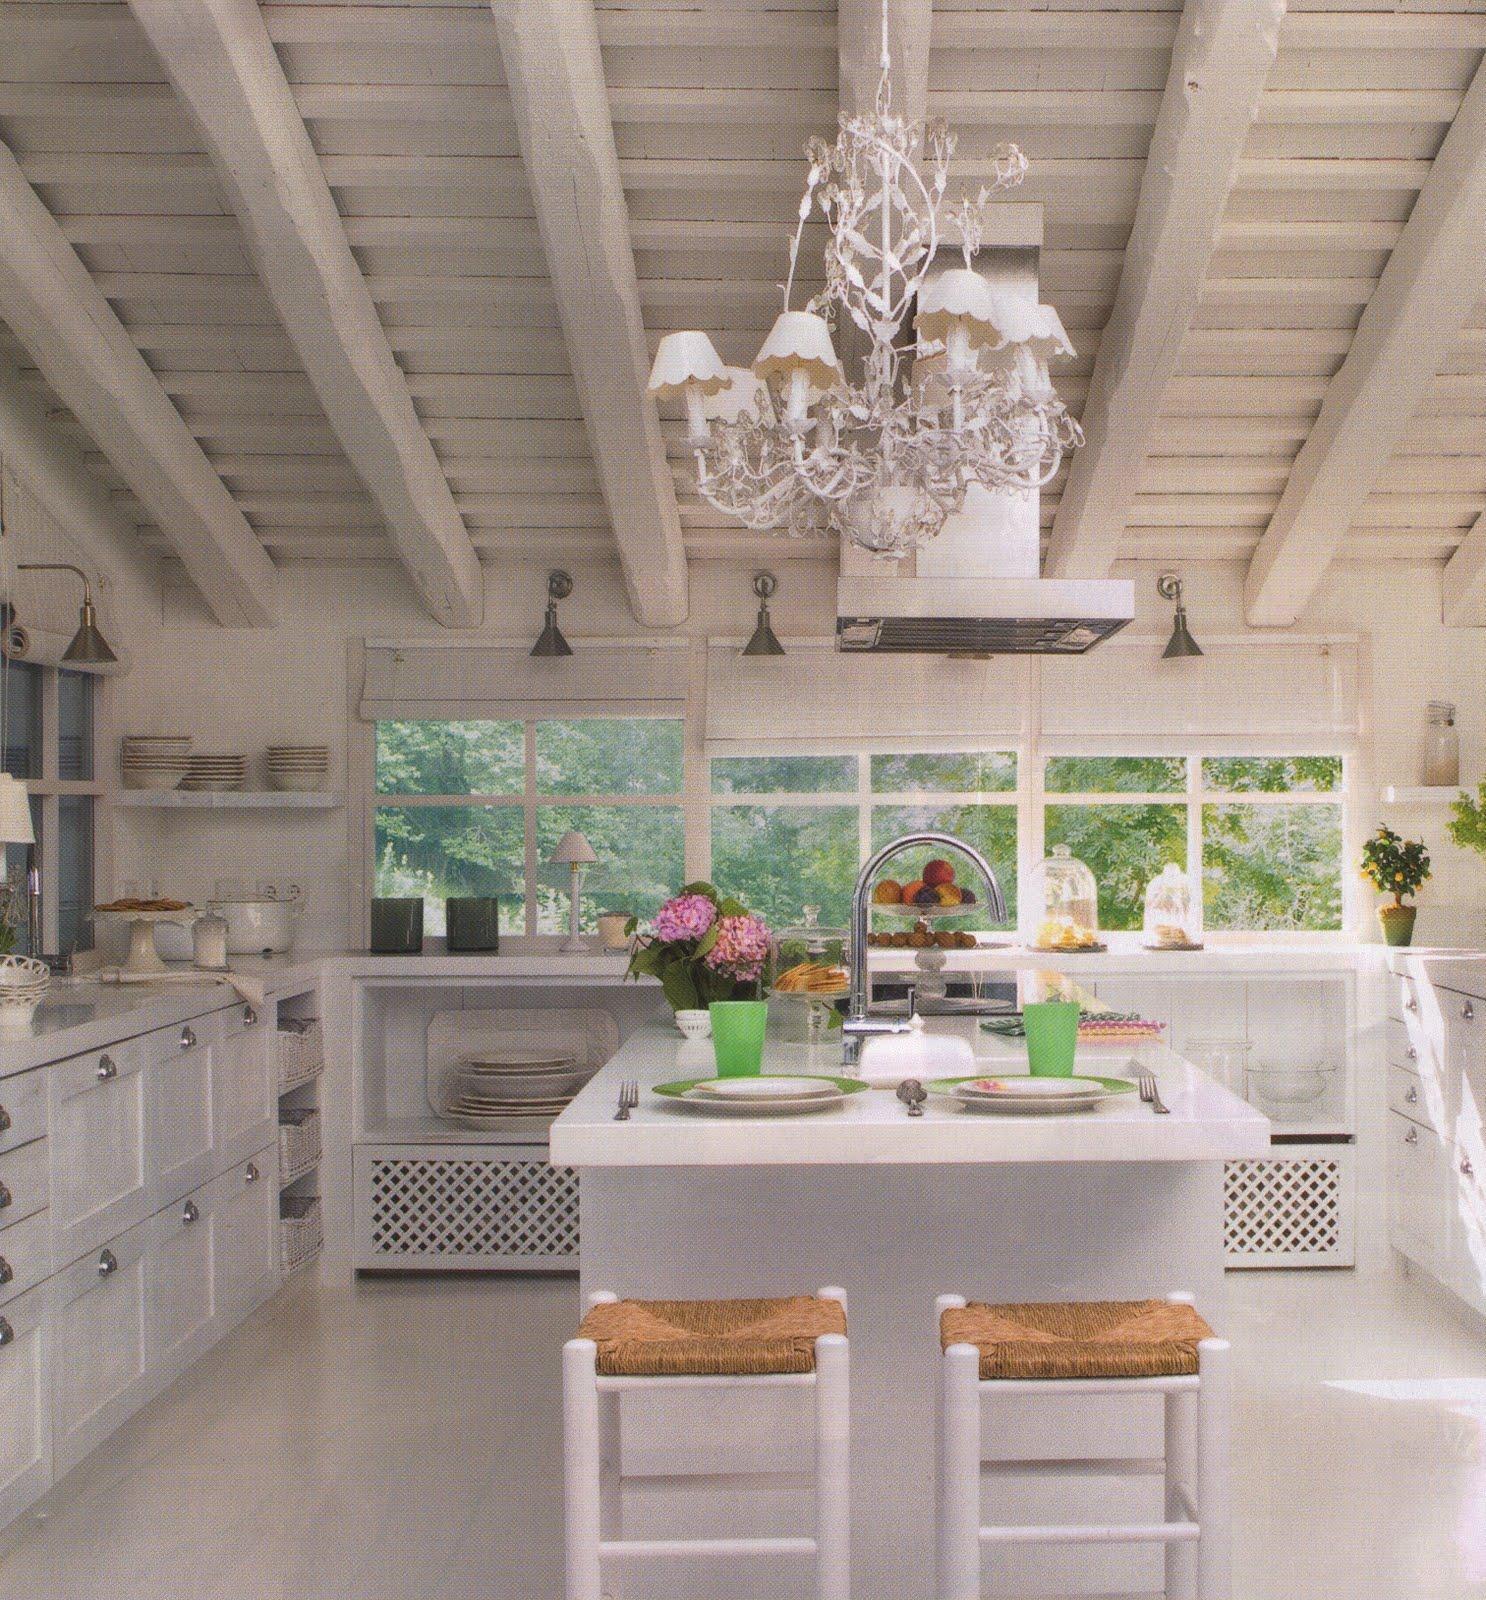 Un cocina Blanca / A White Kitchen | desde my ventana | blog de ...